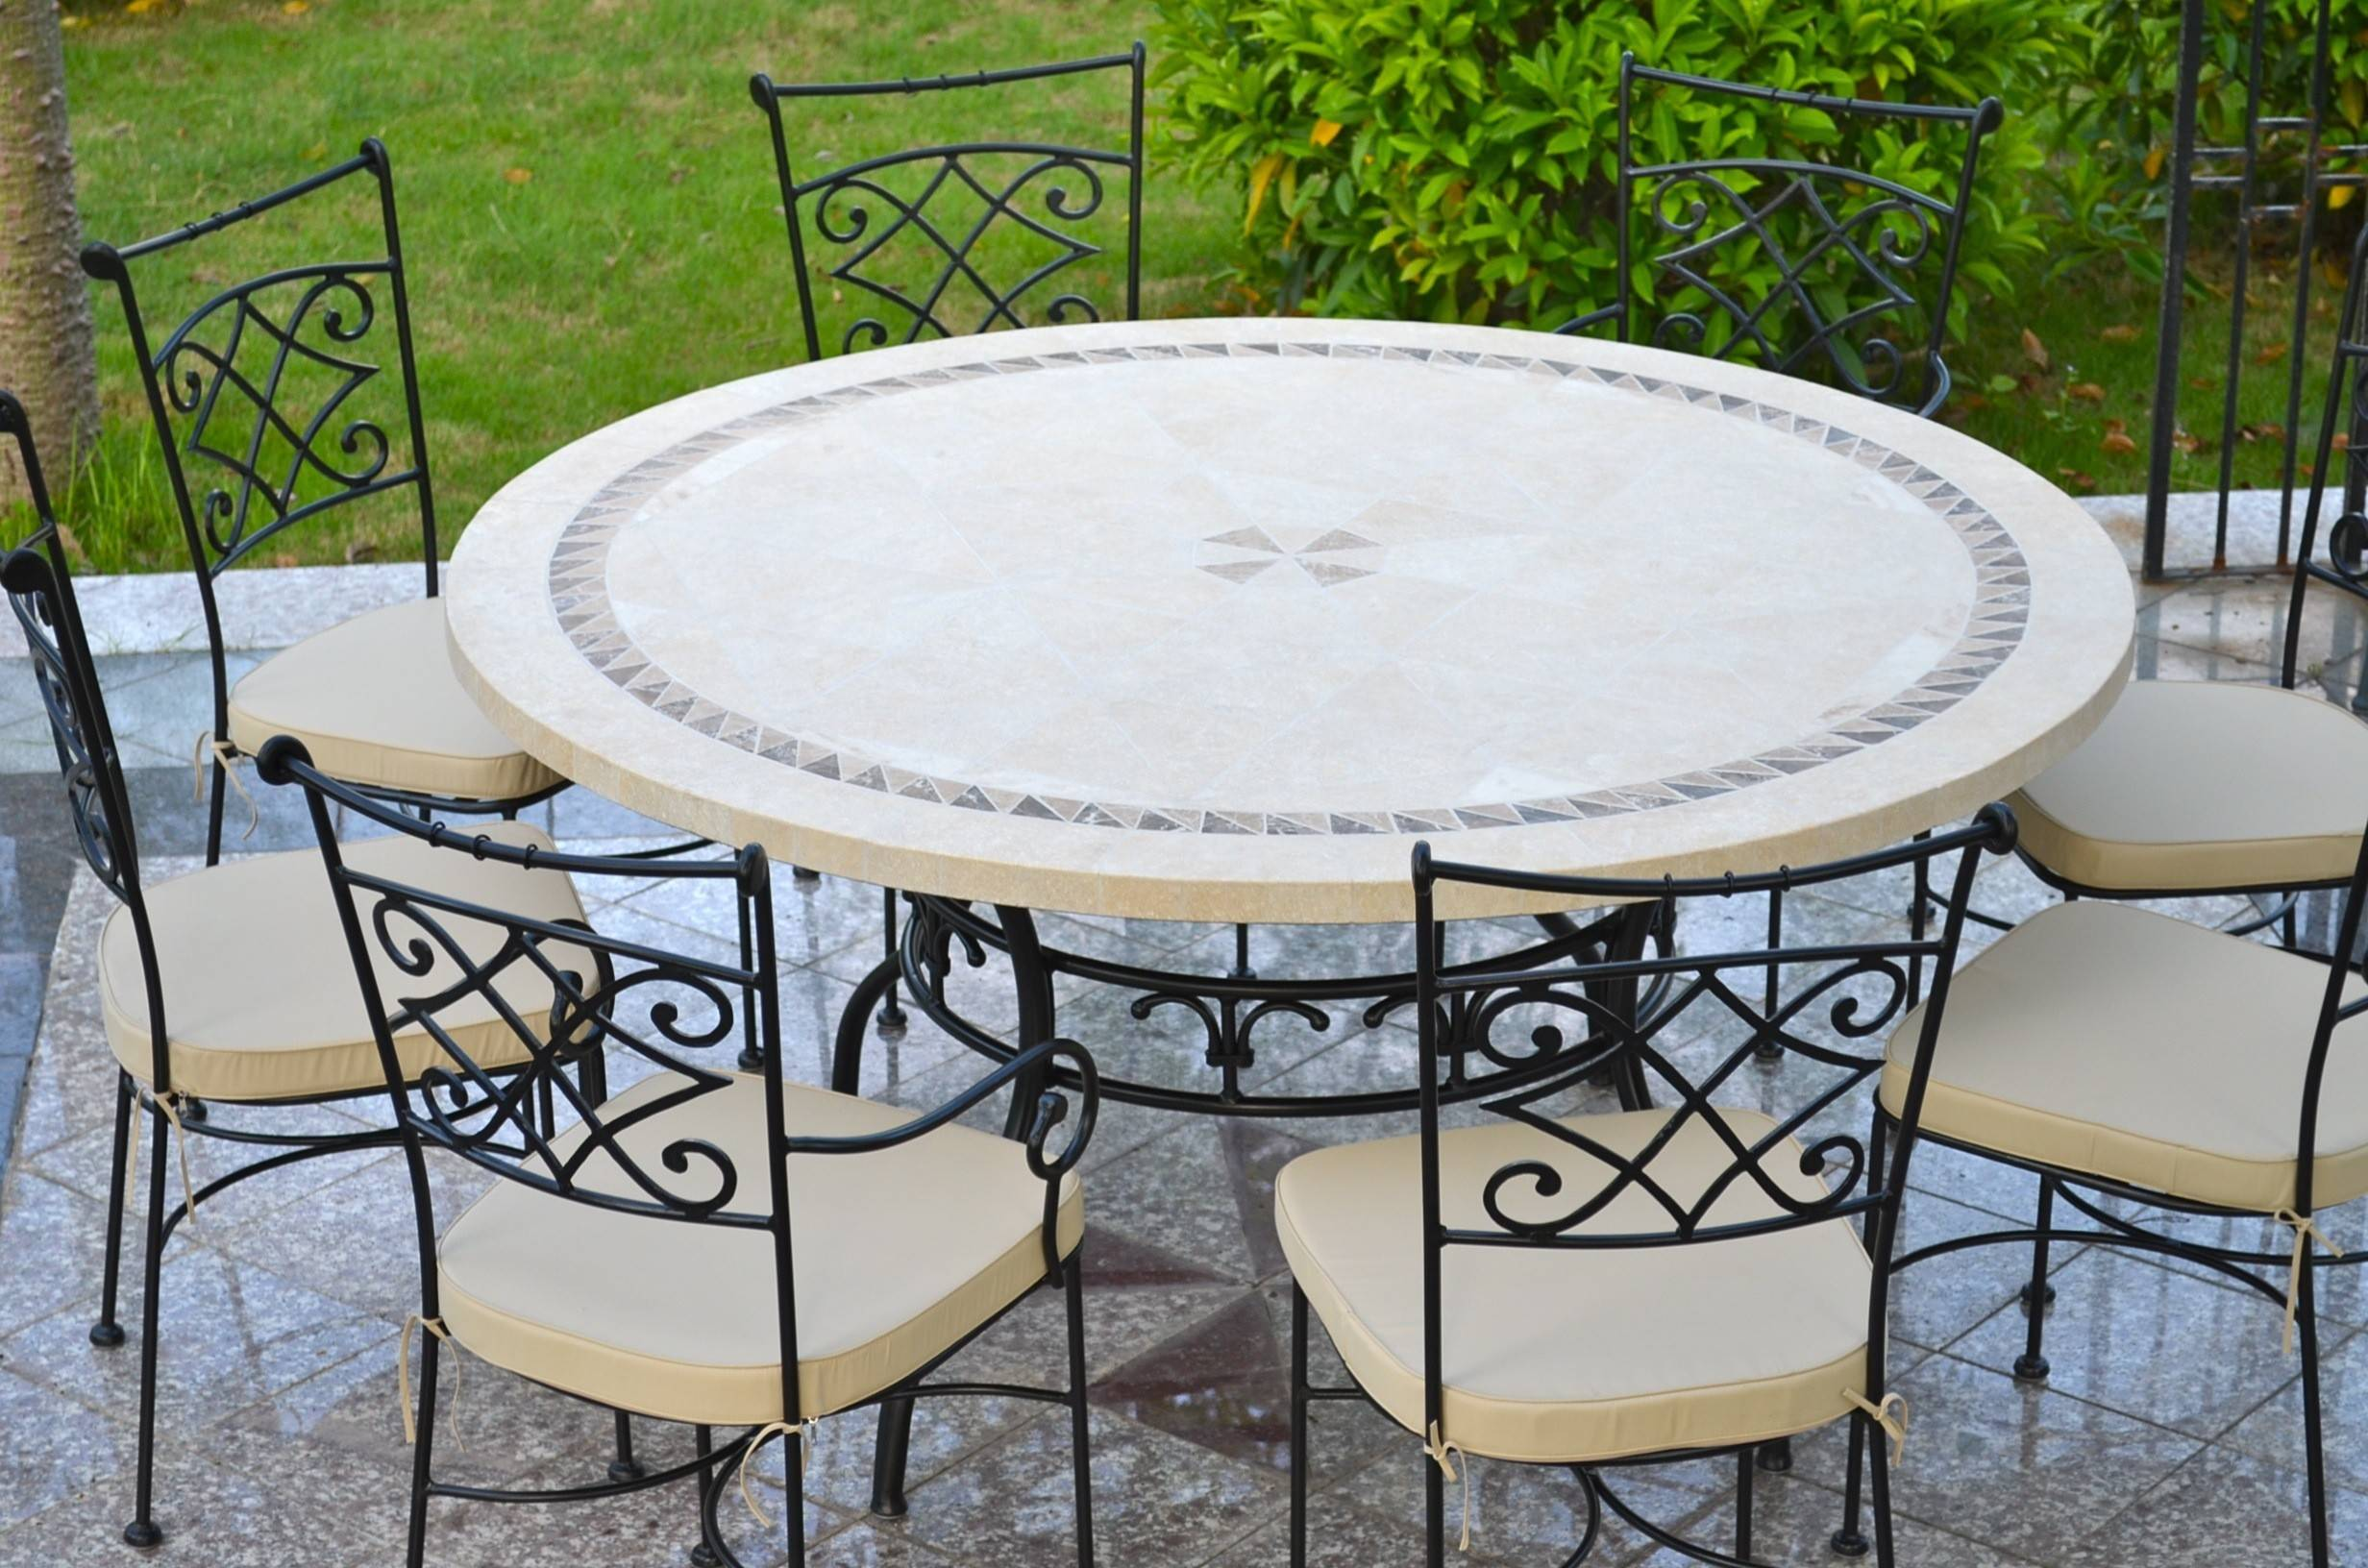 LivingRoc Table de jardin mosaique ronde pierre marbre 160-125 IMHOTEP